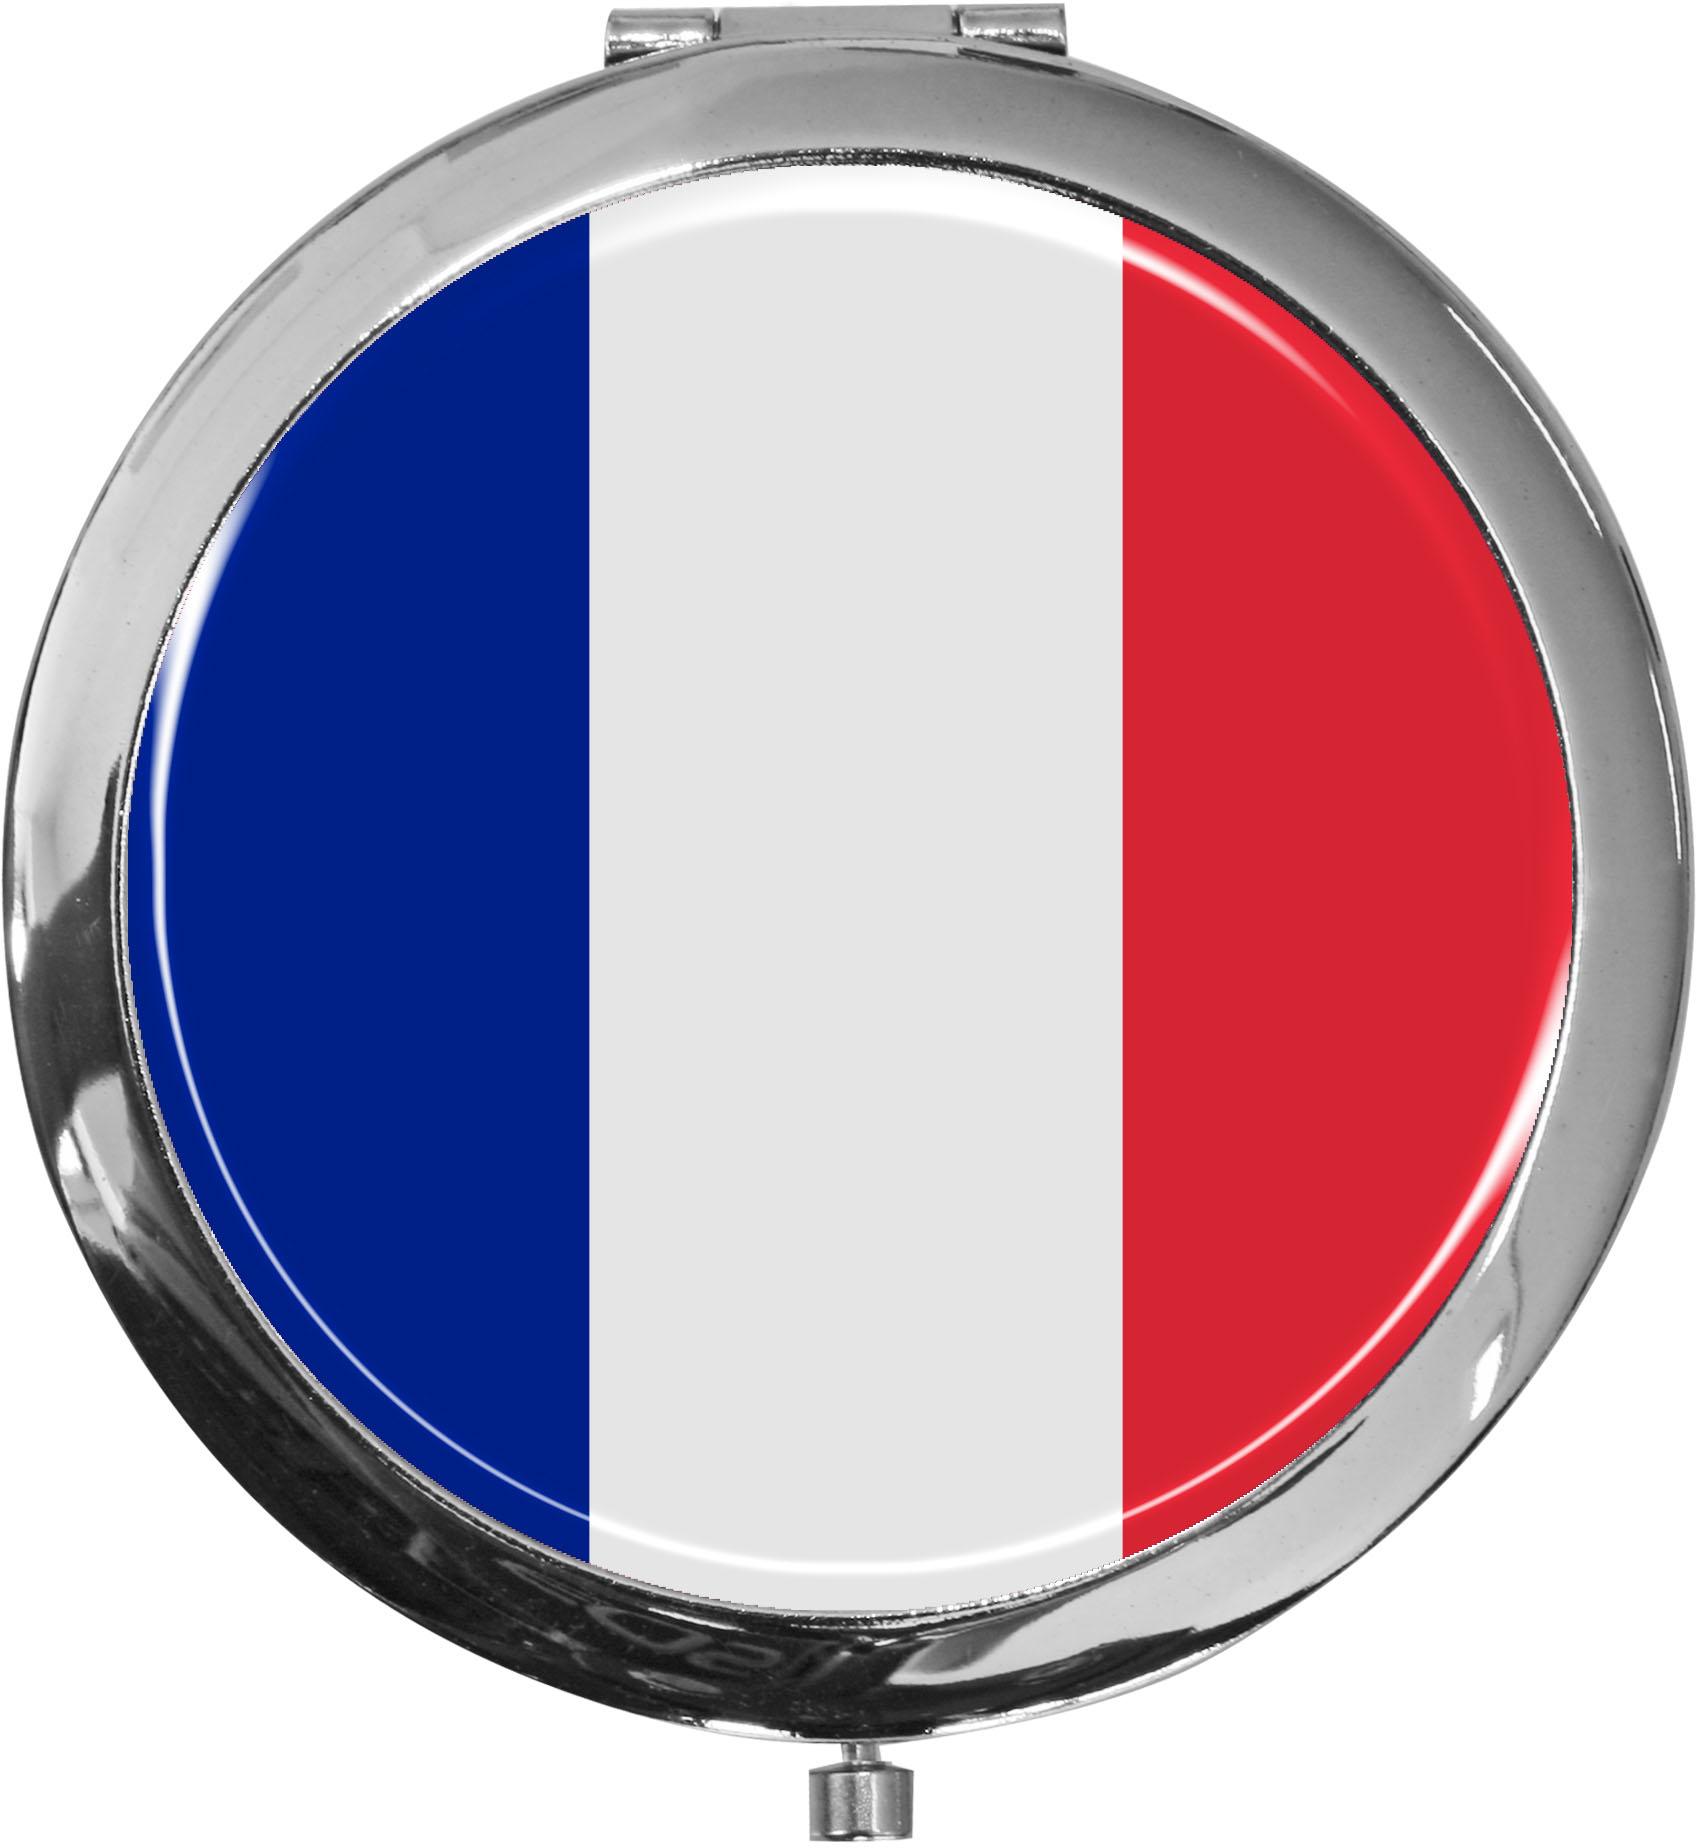 Taschenspiegel / Spiegel / Flagge Frankreich / 2 fache Vergrößerung